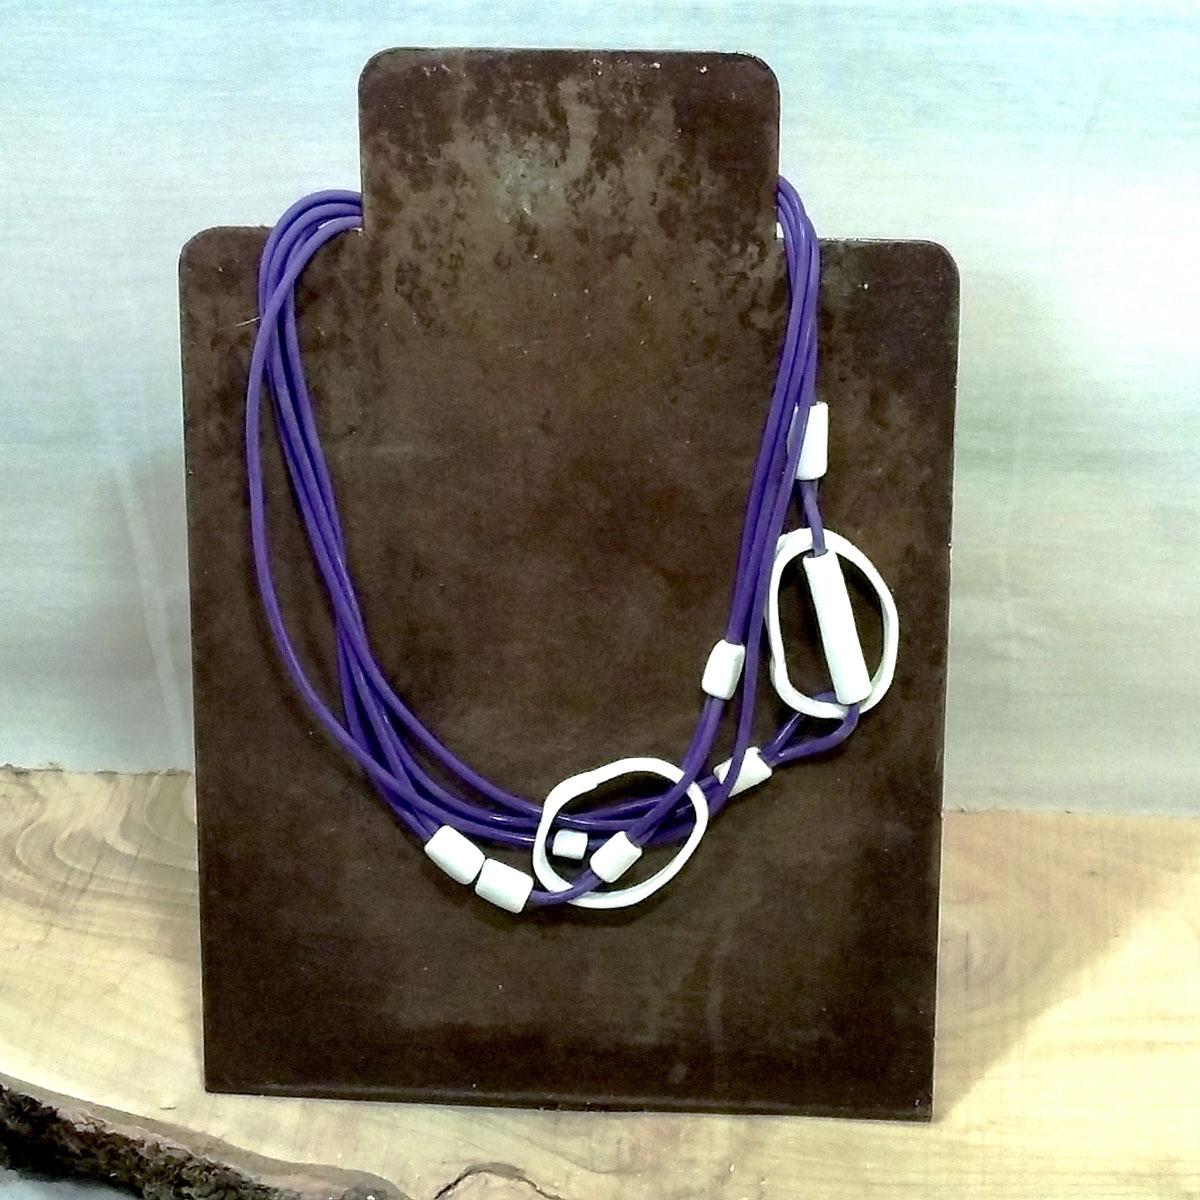 Esposizione di una collana viola fatta a mano